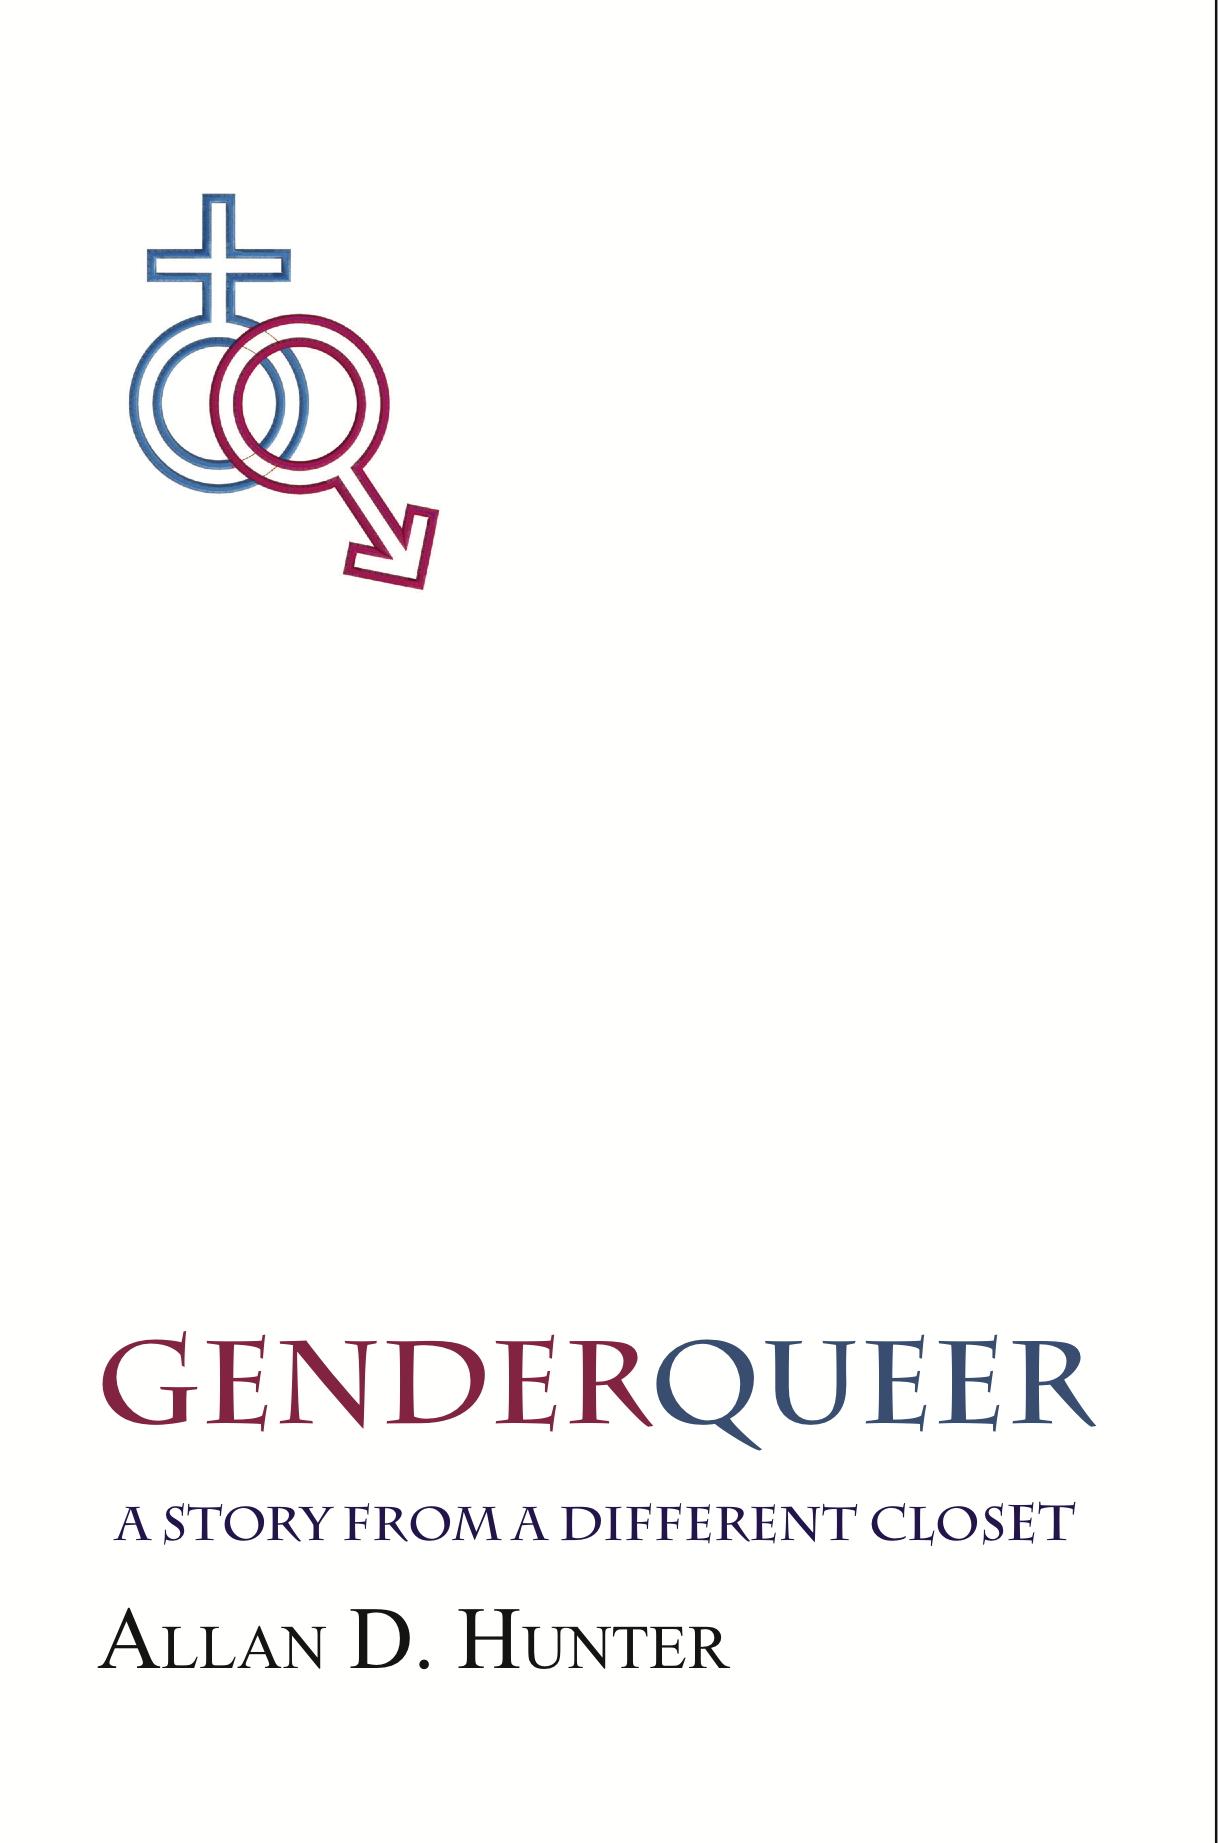 GenderQueer by Allan D. Hunter